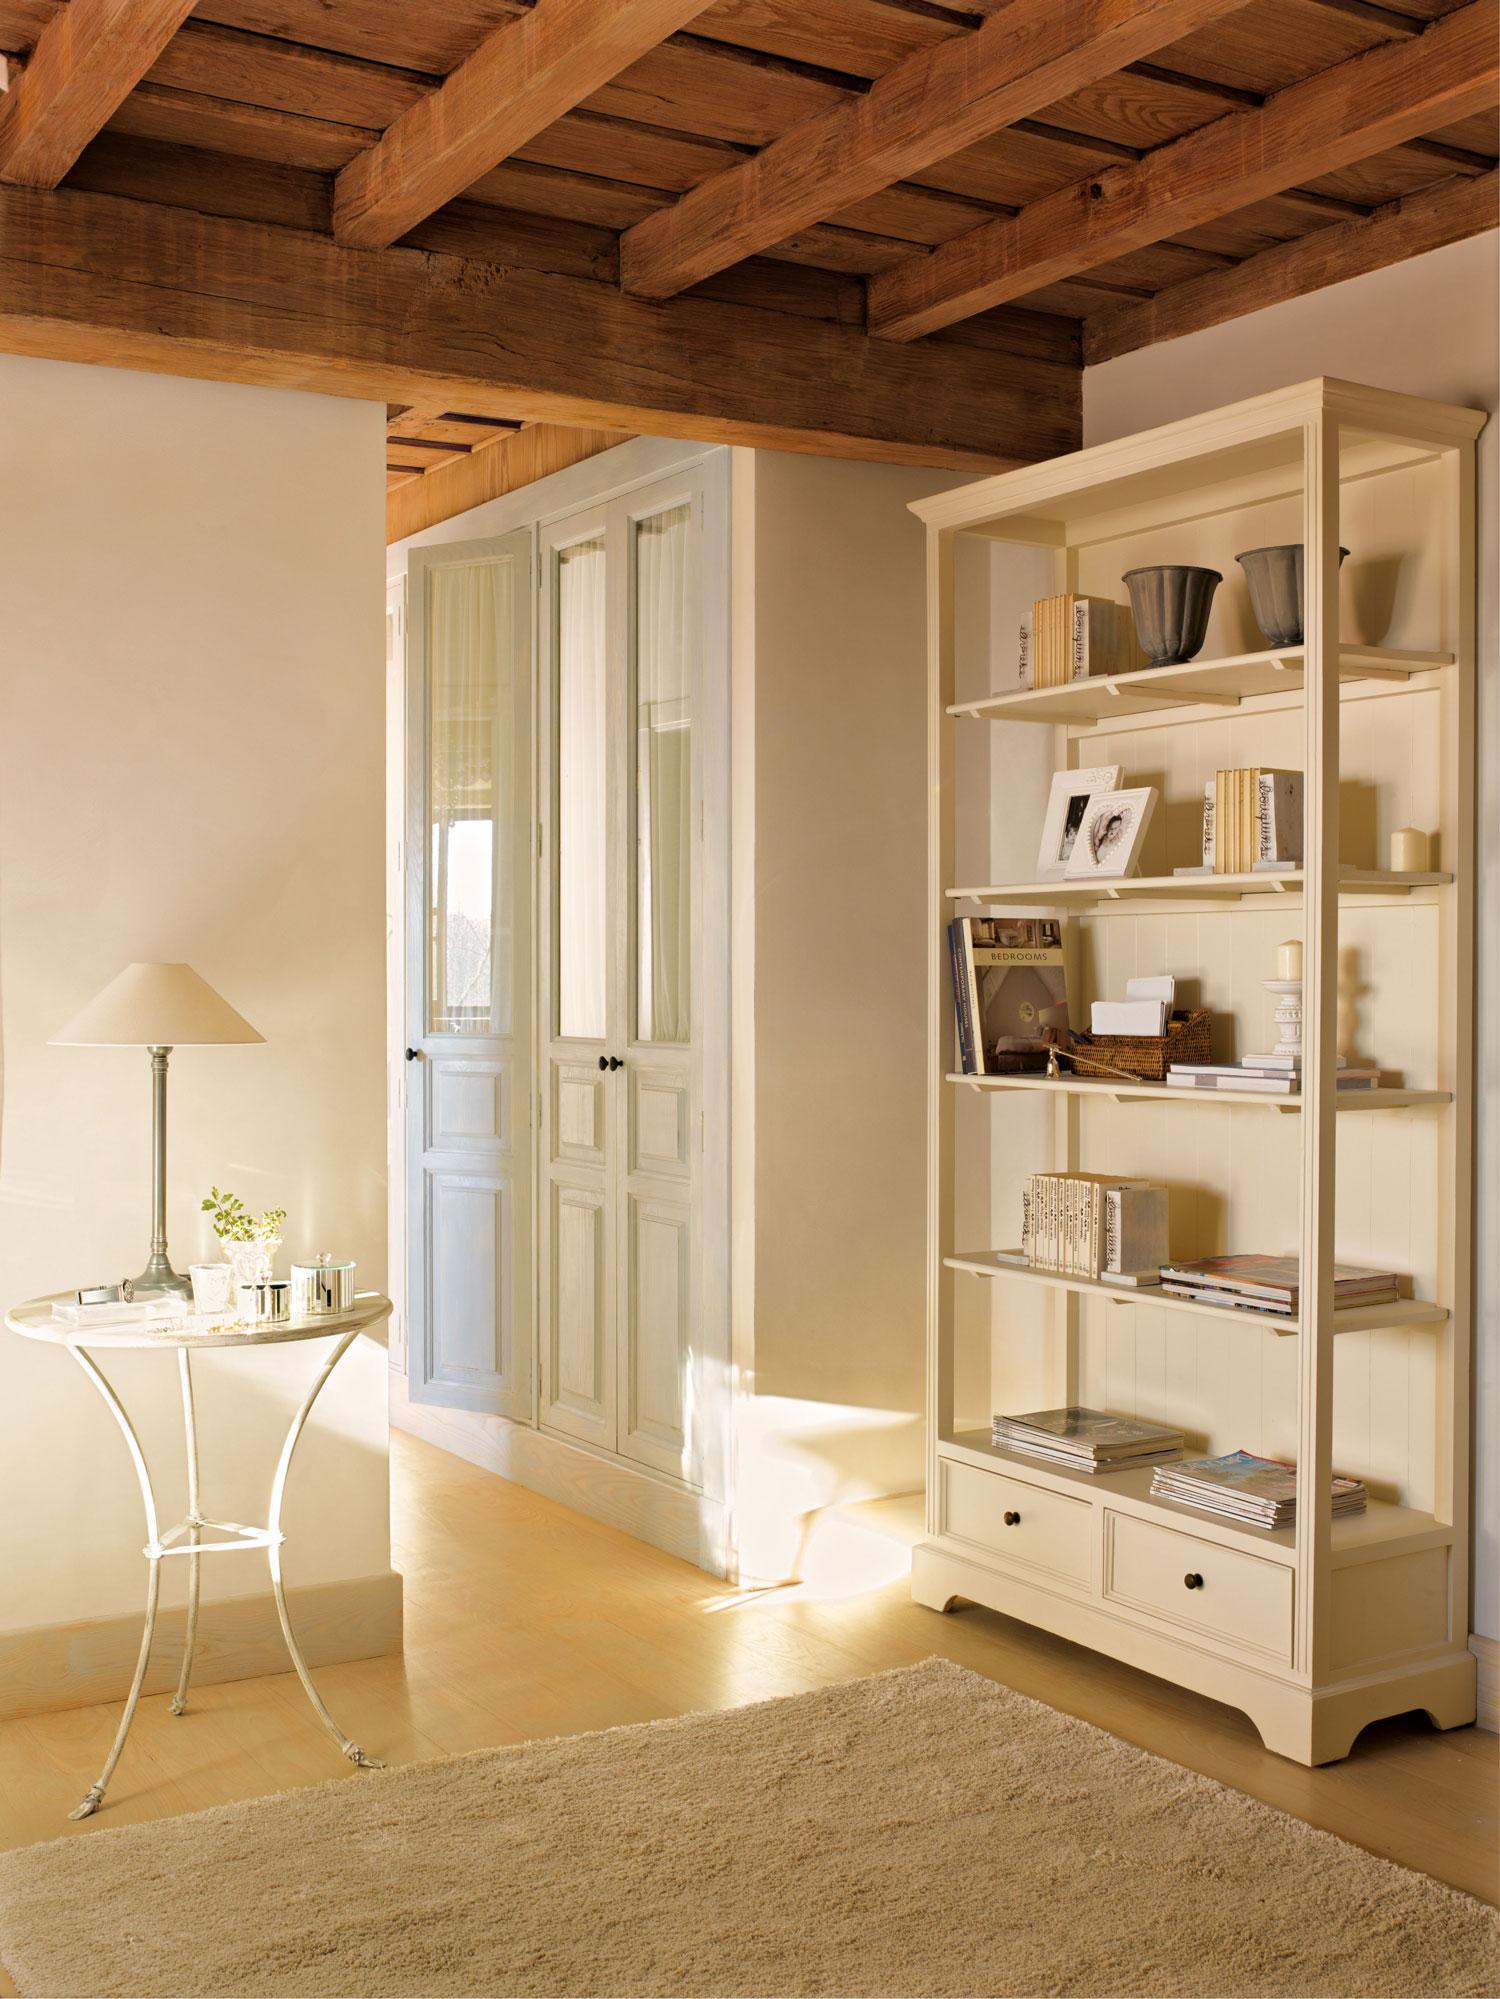 00315228. Rincón blanco con alfombra, estantería con libros y una mesa auxiliar_00315228